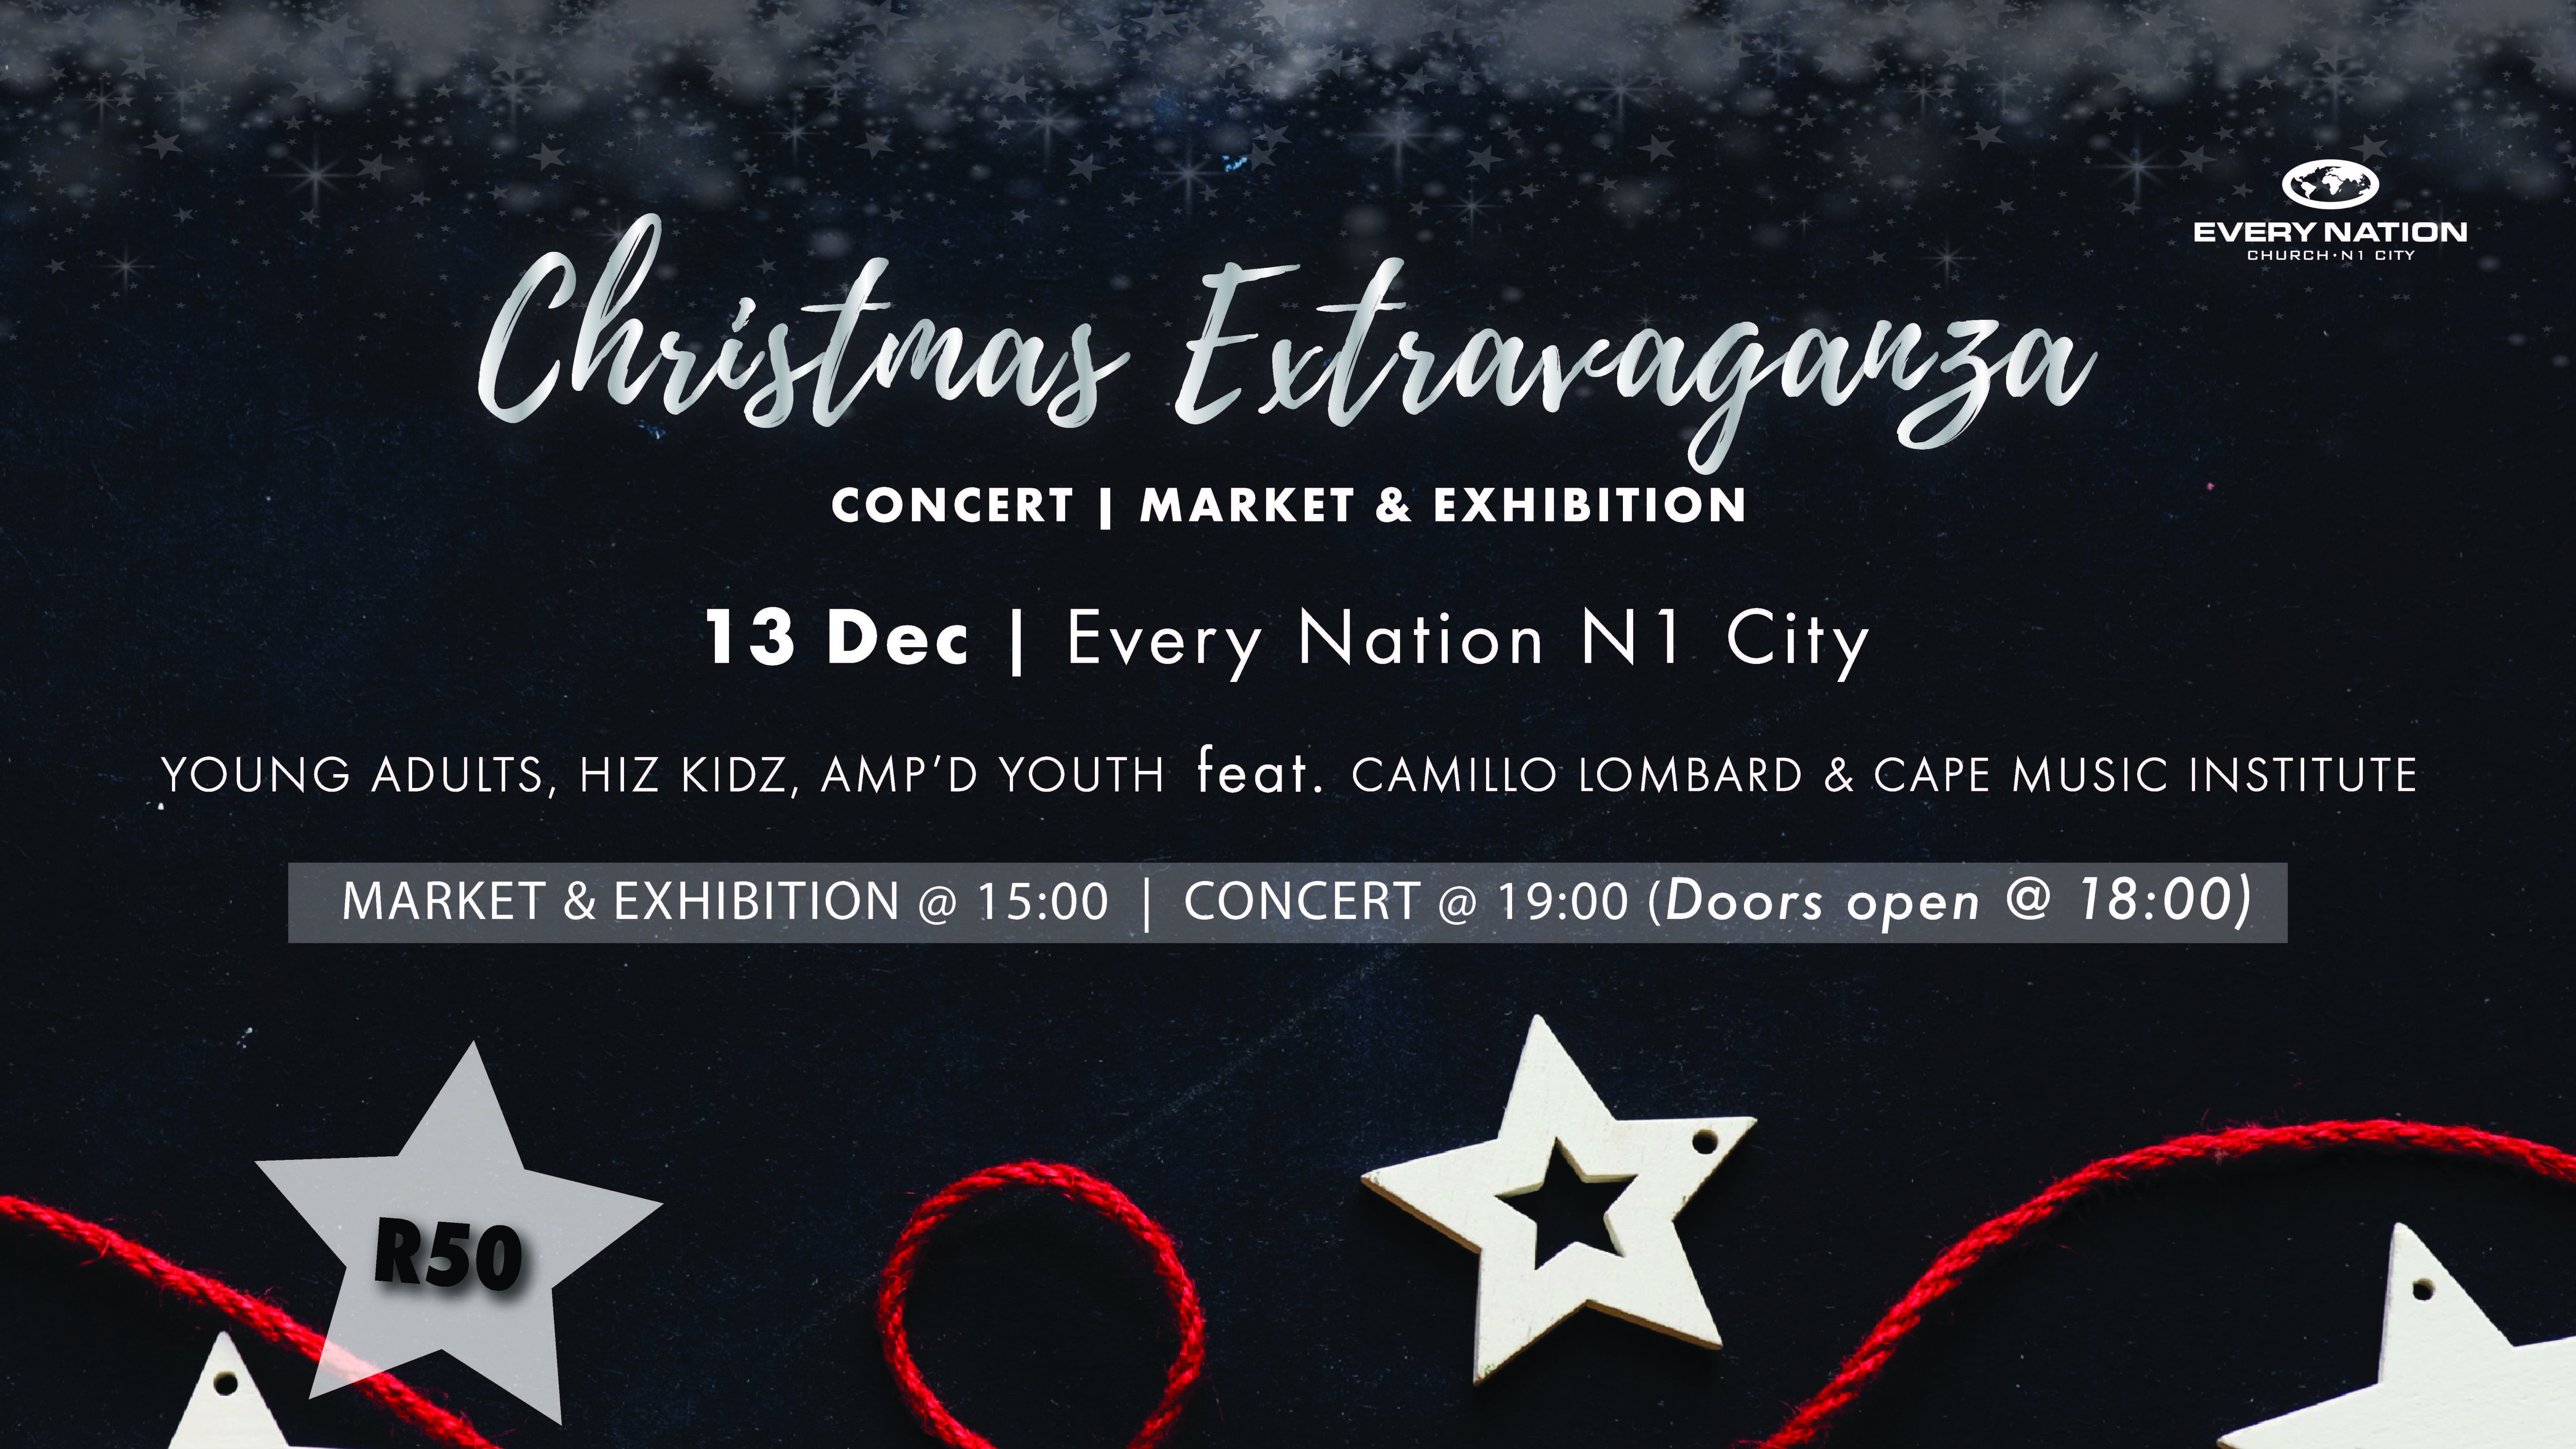 Christmas Extravaganza